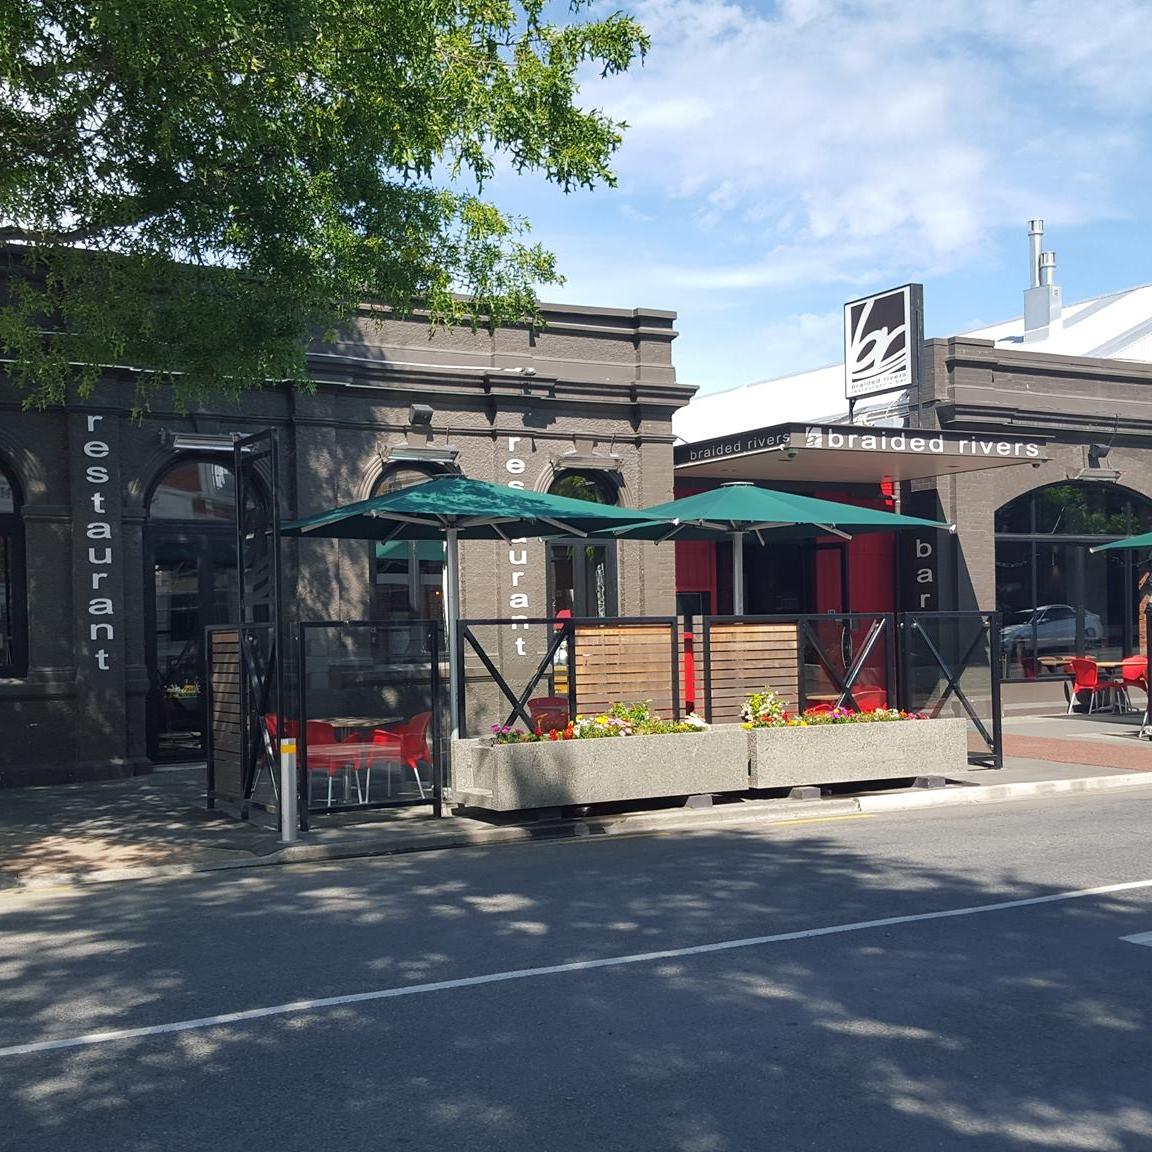 braided rivers restaurant & bar - Ashburton